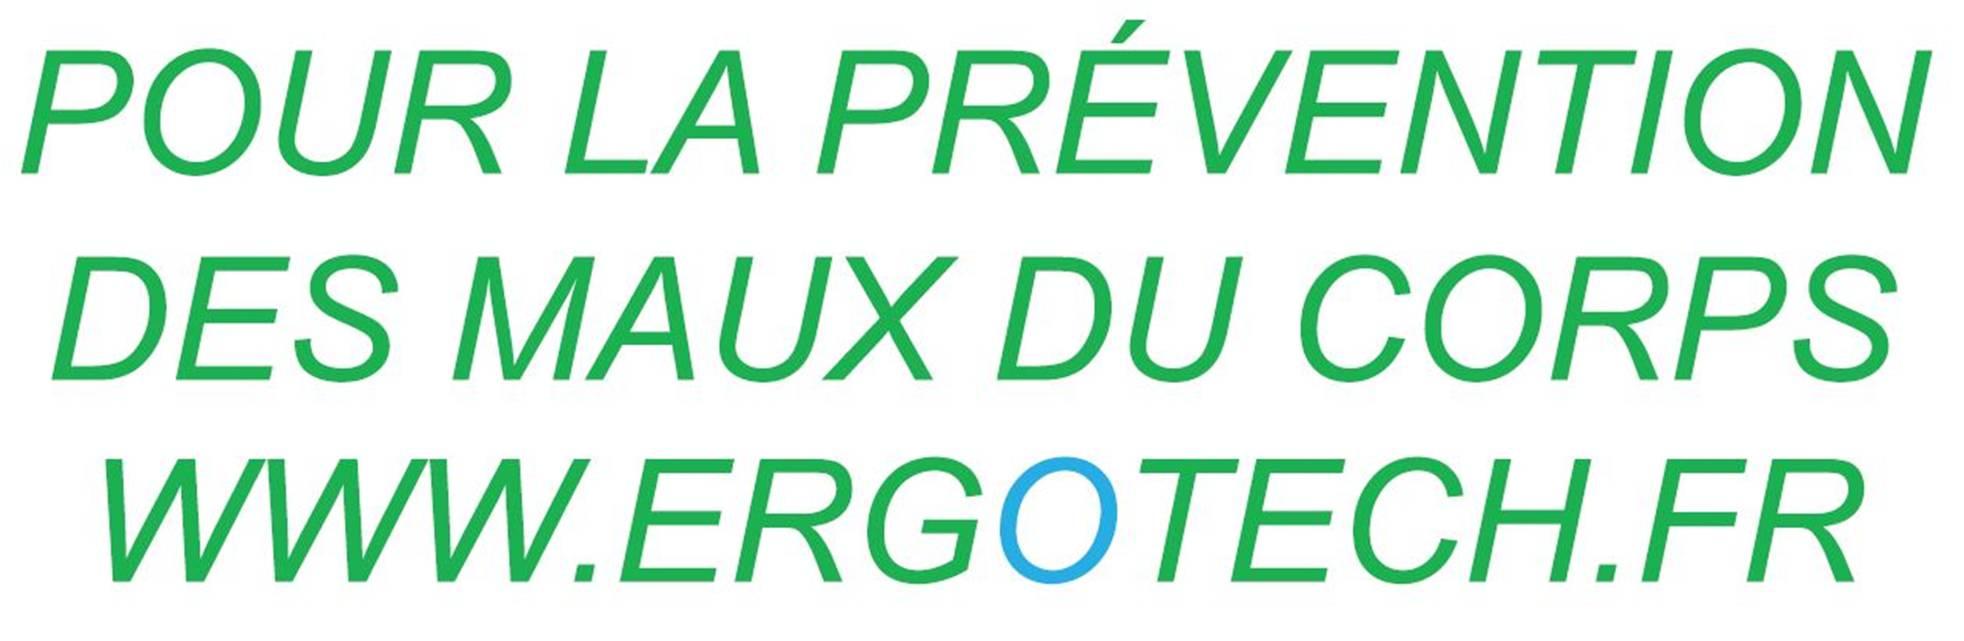 Logo Ergotech v3